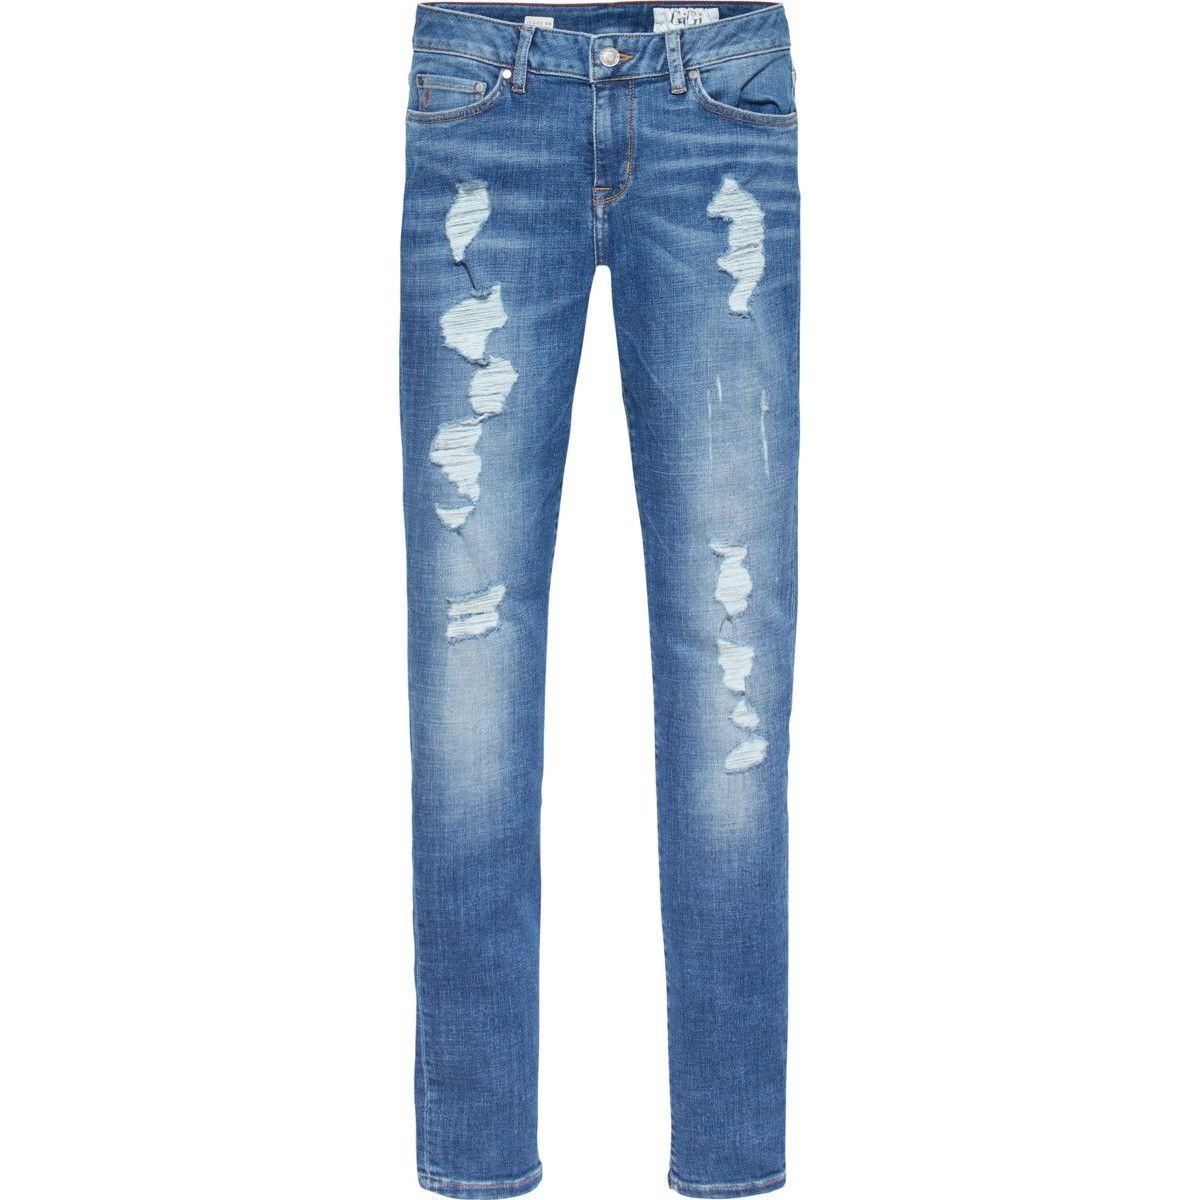 Tommy X Gigi dames jeans (met afbeeldingen) | Tommy hilfiger